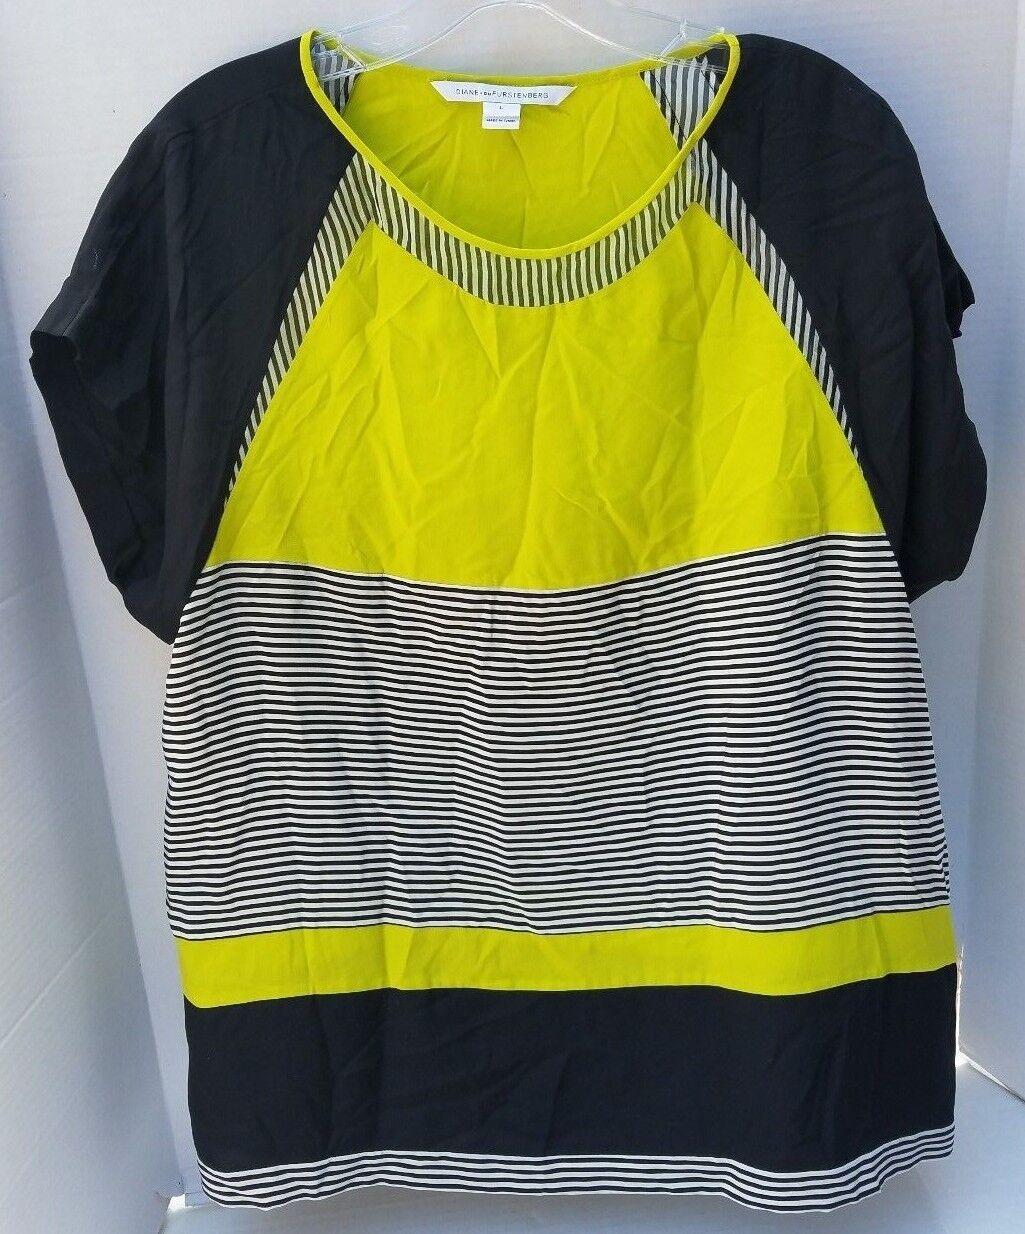 Diane Von Furstenberg Pulsa Top Silk Blouse Shirt schwarz Grün Weiß S Small DVF